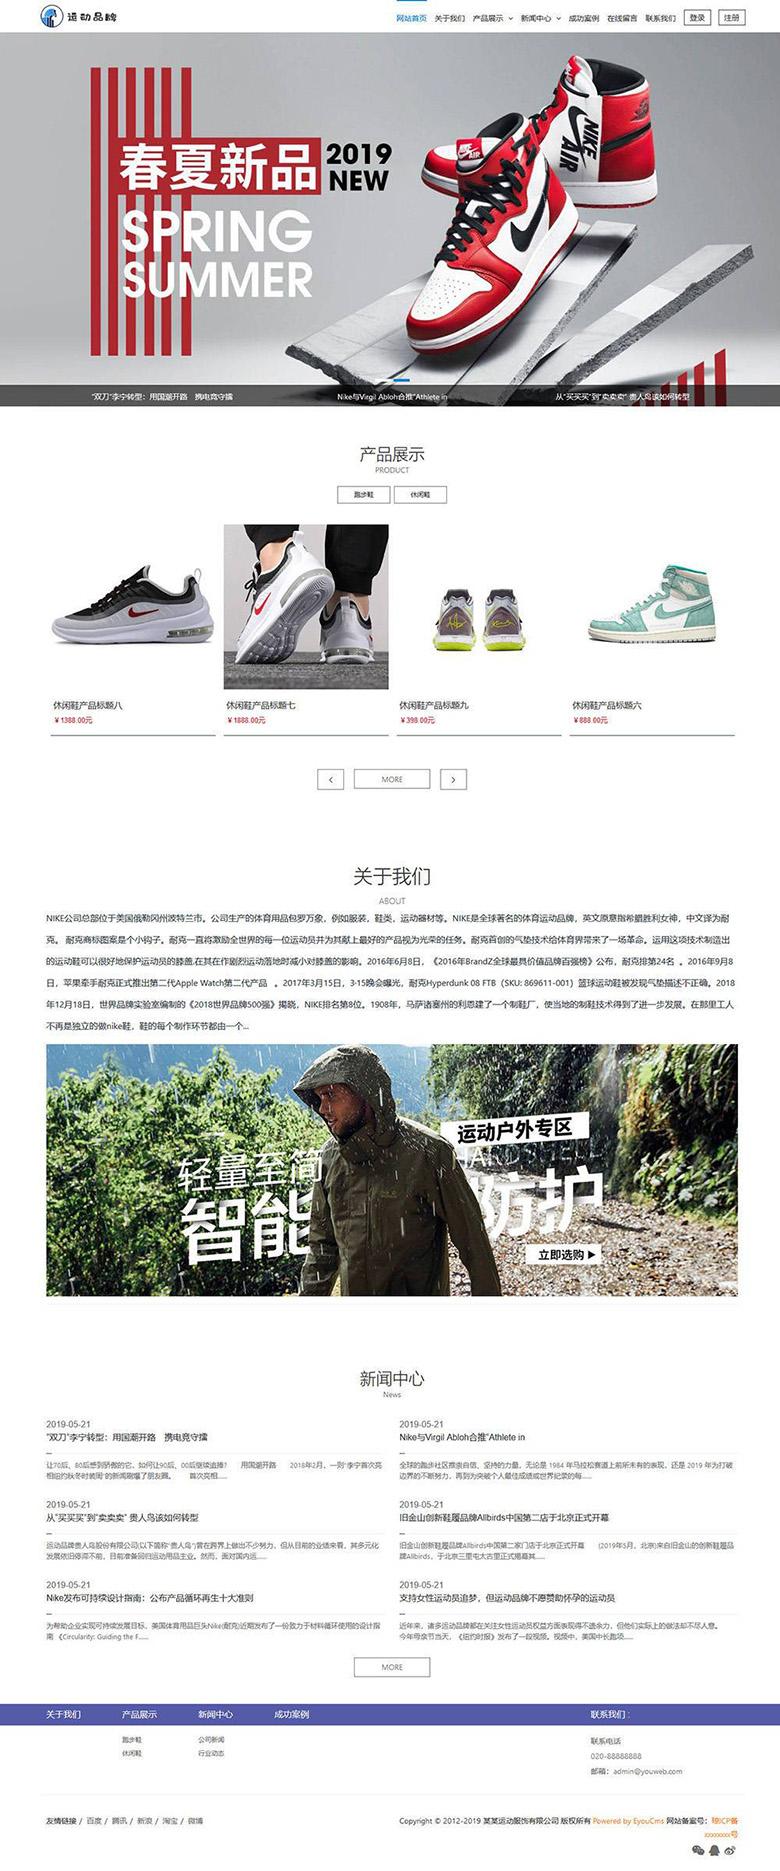 响应式运动鞋服饰商城类网站eyoucms商业模板【7821易优CMS】(图2)